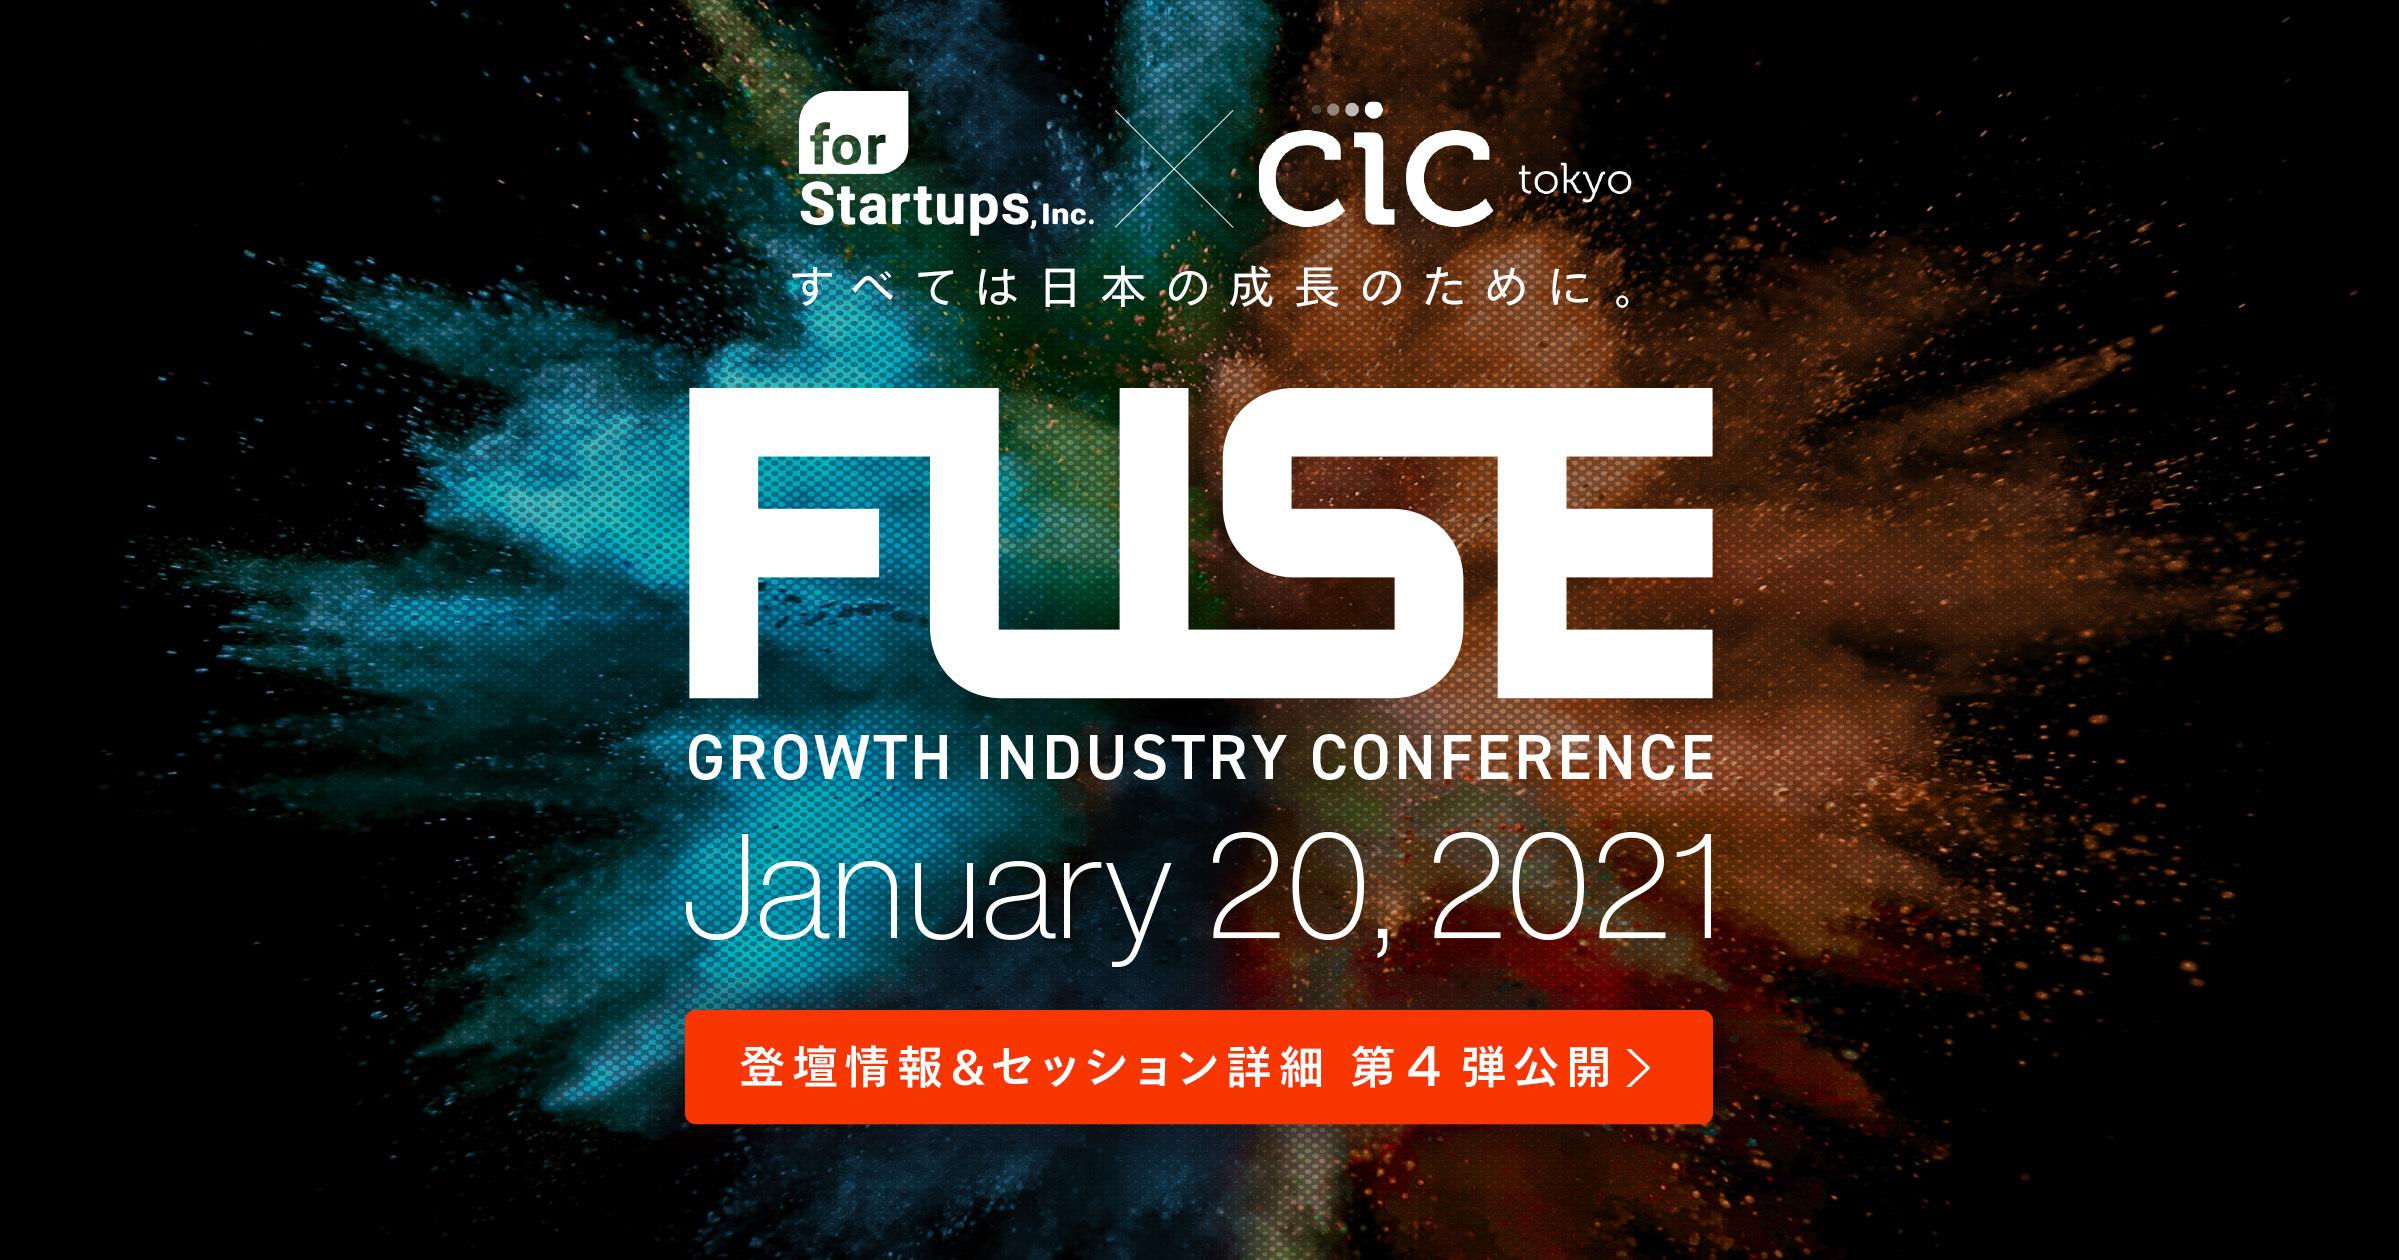 成長産業カンファレンス『FUSE』 登壇企業第4弾を発表! 新経連、JVCAが新たに後援に参画